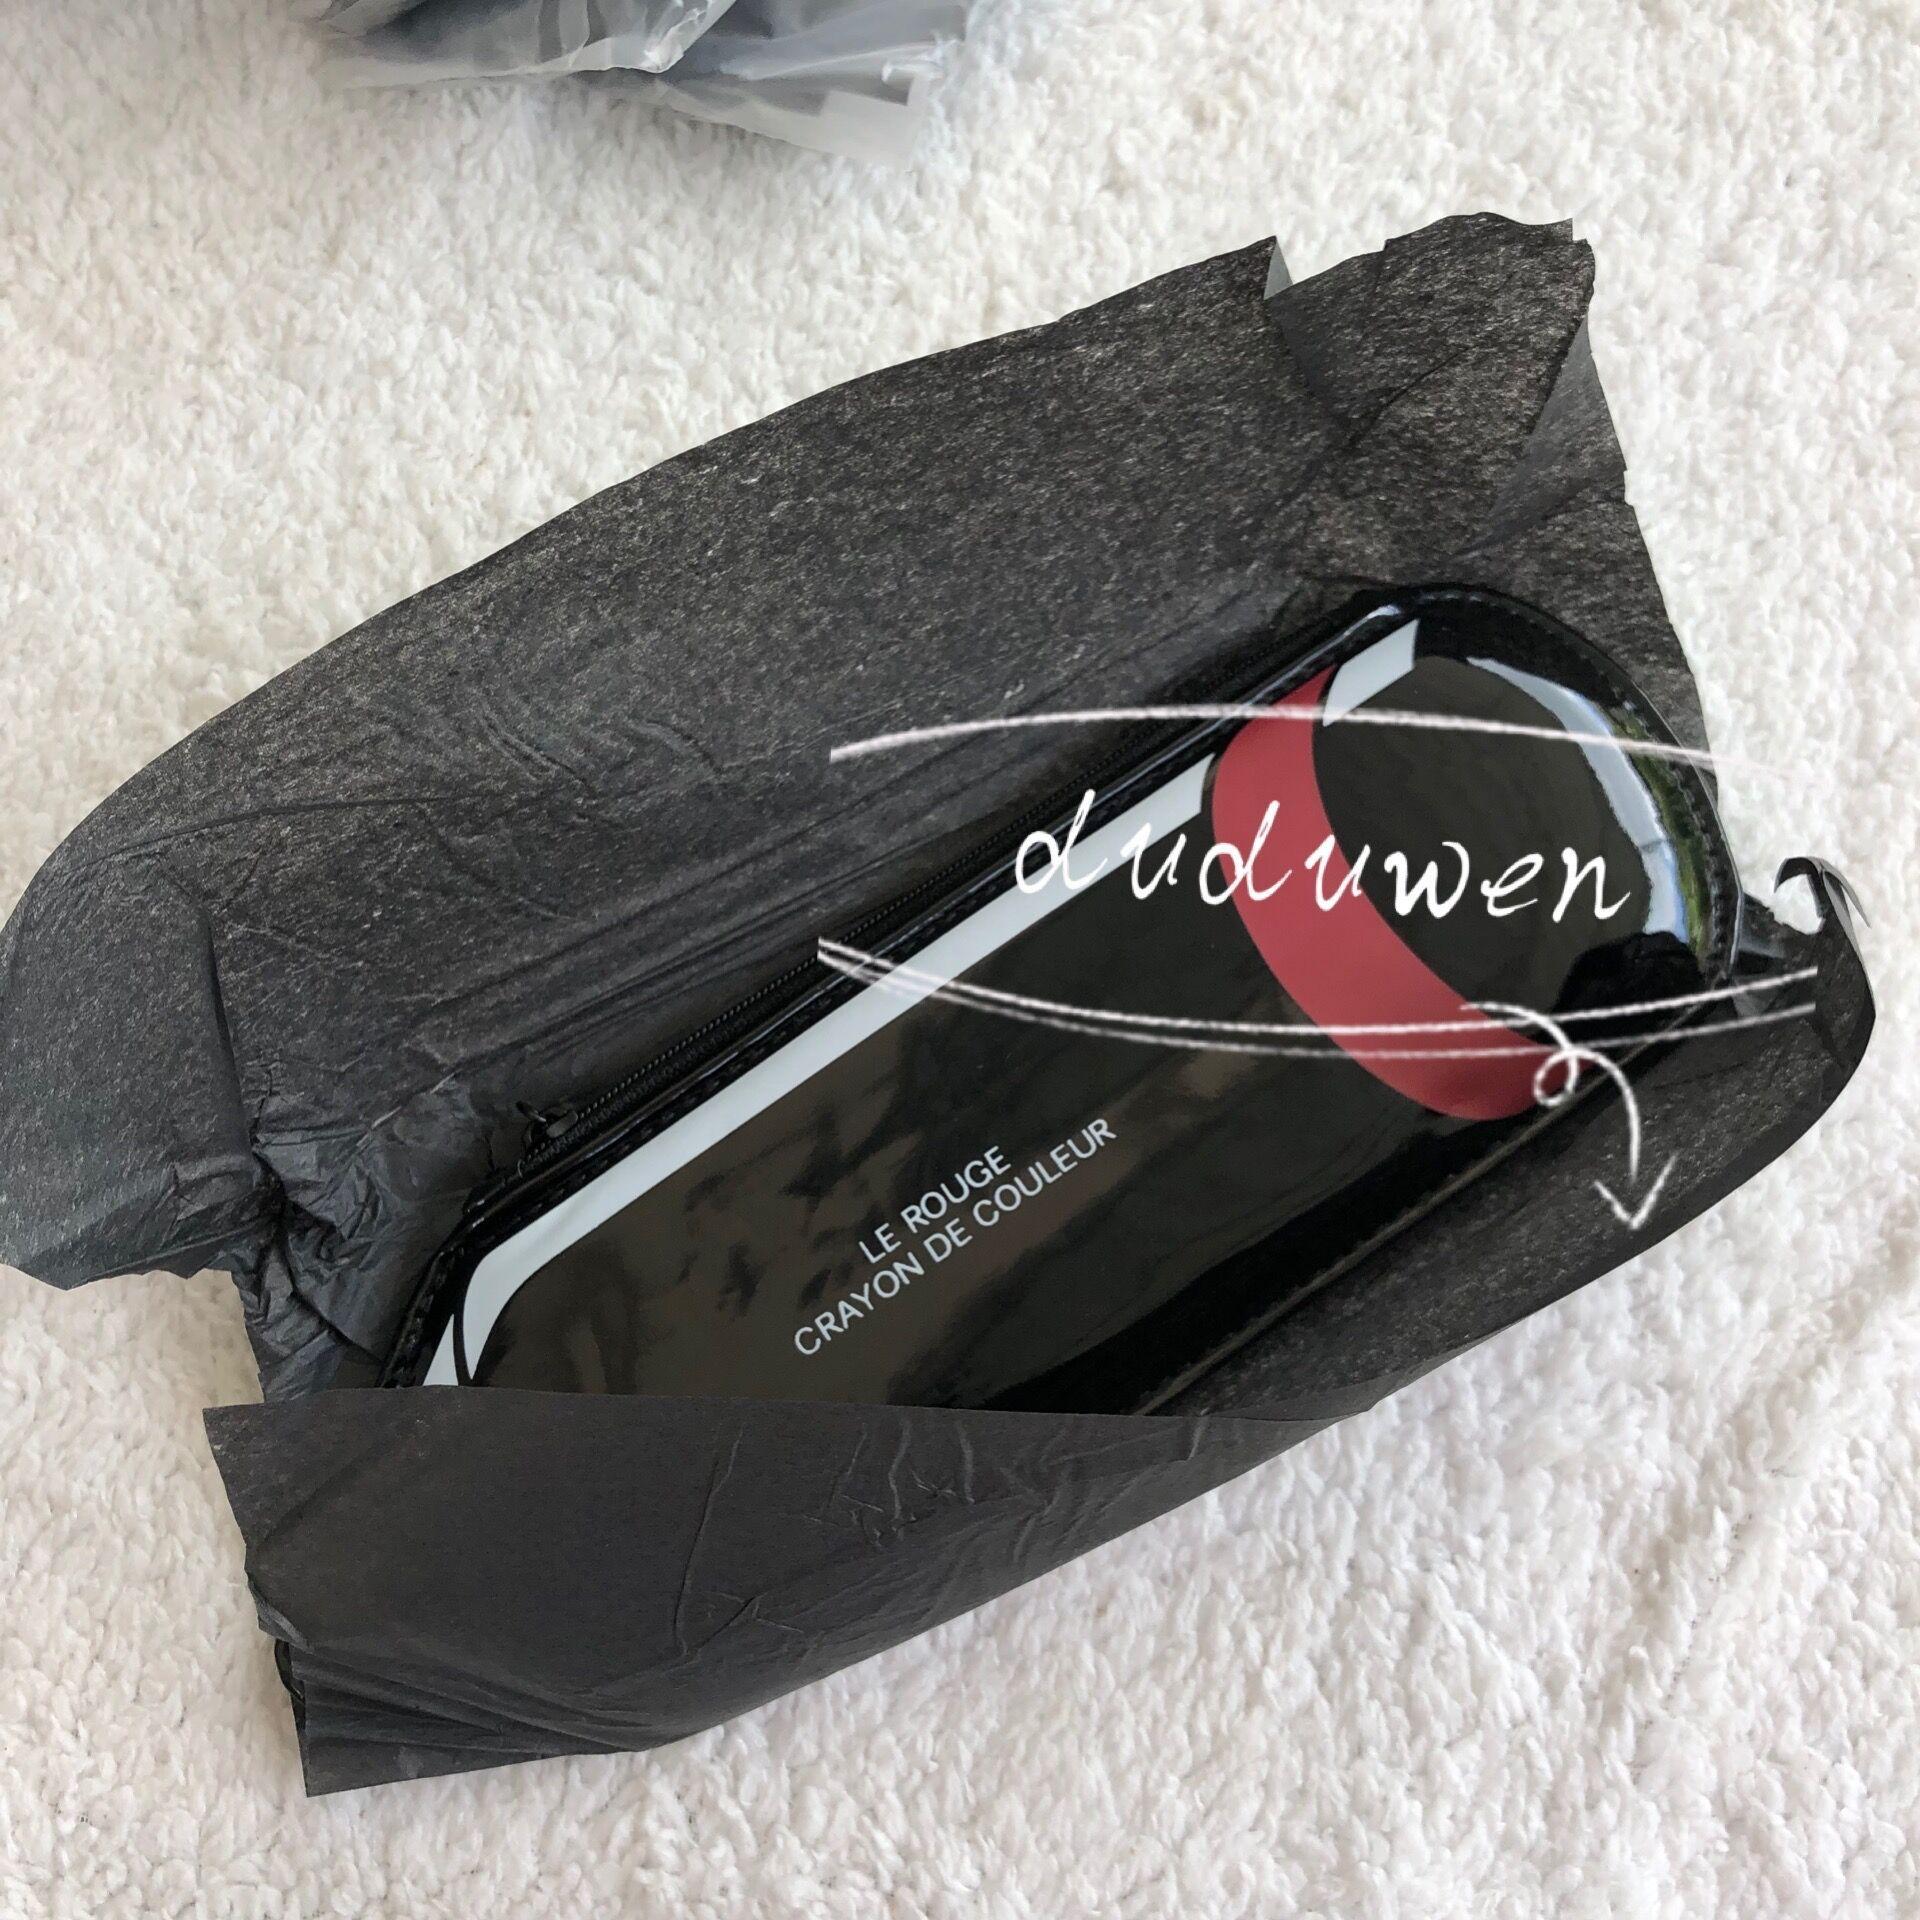 24x8 سنتيمتر ج الأزياء لامعة الكلاسيكية غرفة الحرفية حالة سستة ماكياج حقيبة التخزين مكتب أحمر الشفاه أشتات القلم رصاص أكياس VIP